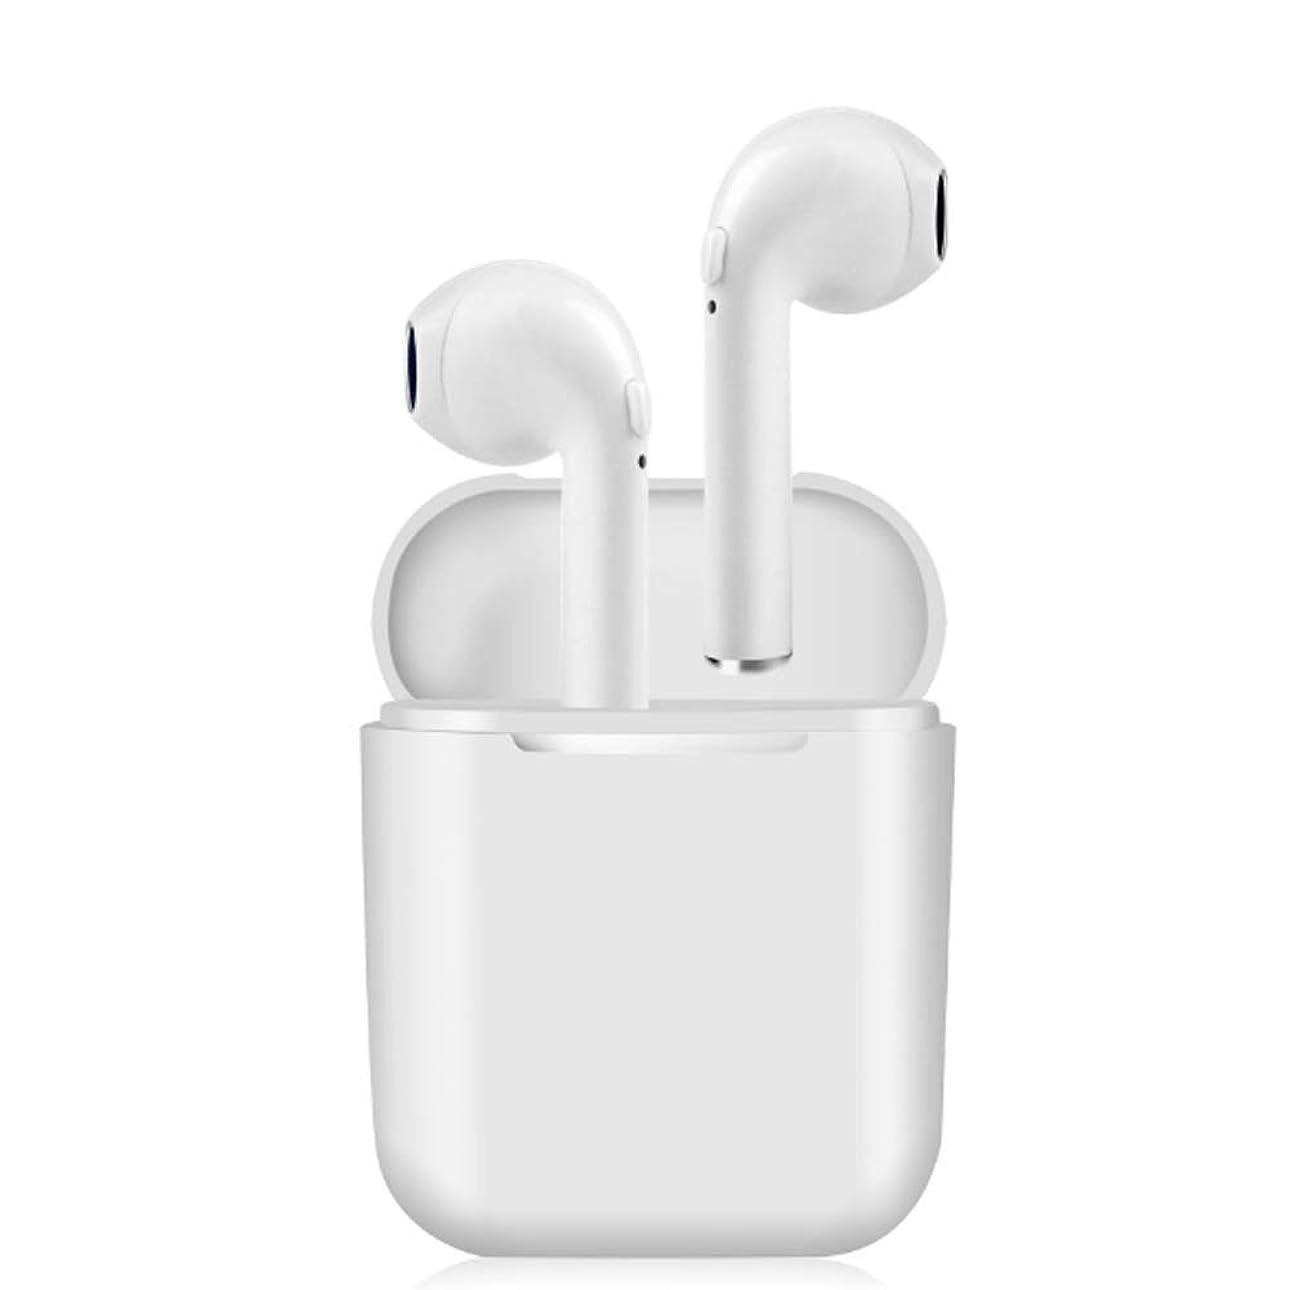 固執改善ダメージCangad 2019最新版 Bluetooth イヤホン 完全 ワイヤレス イヤホン i11 TWS ワンボタン設計 ペアリングは自動 左右分離型 片耳&両耳対応 充電式収納ケース搭載 ノイズキャンセリング マイク付き 高音質 超軽量 電式収納ケース搭載ノイズキャンセリング iPhone&Android対応